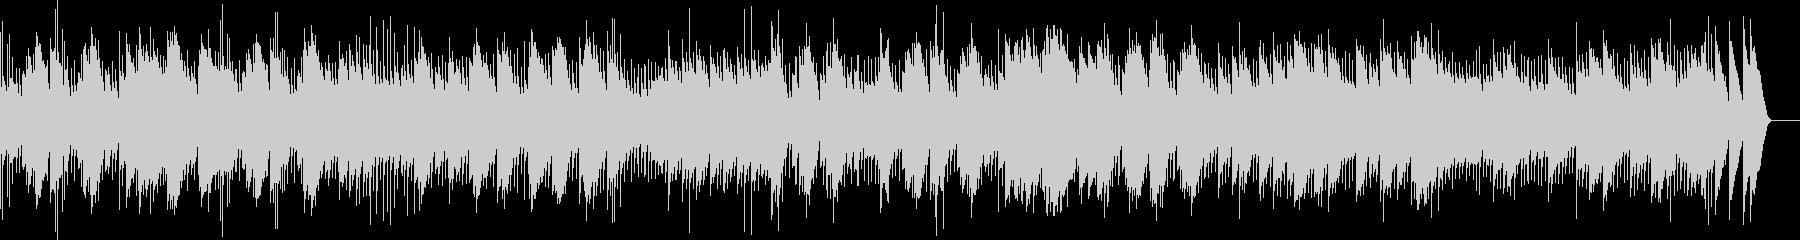 ショパン 革命のエチュード(オルゴール)の未再生の波形